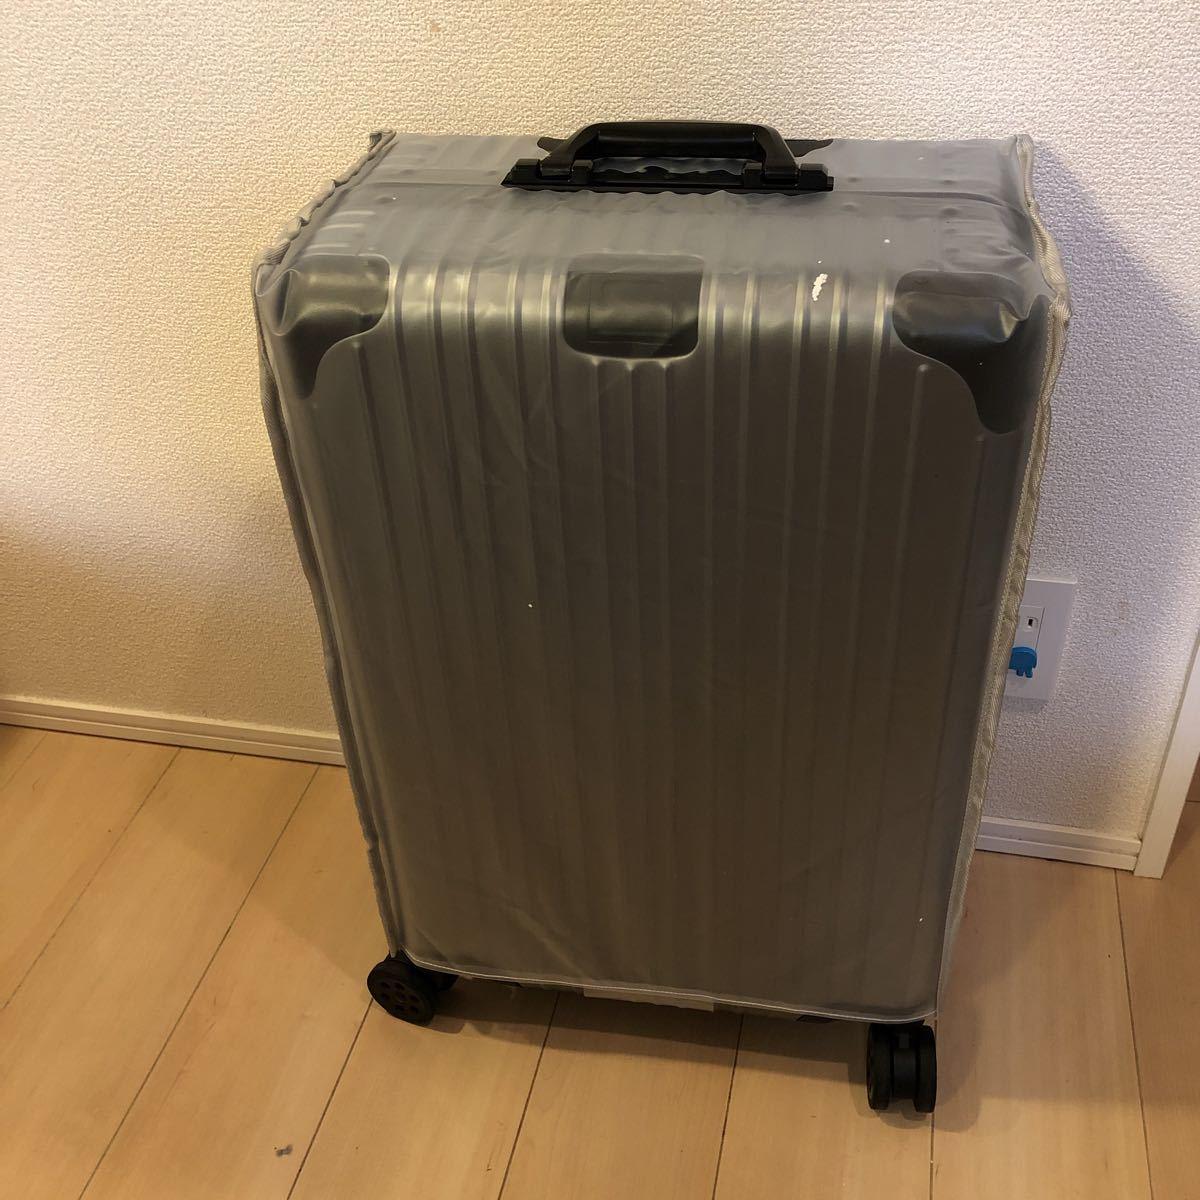 スーツケース アルミマグネシウム合金 キャリーバッグ 360度回転 静音キャスター TSAロック フレームタイプ 保護カバー付 軽量 新品未使用_画像7